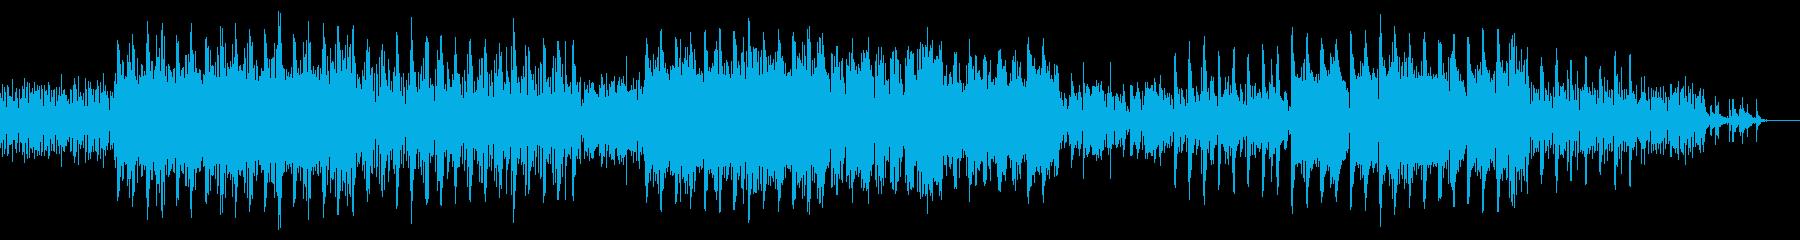 東洋的なエレクトロROCKの再生済みの波形